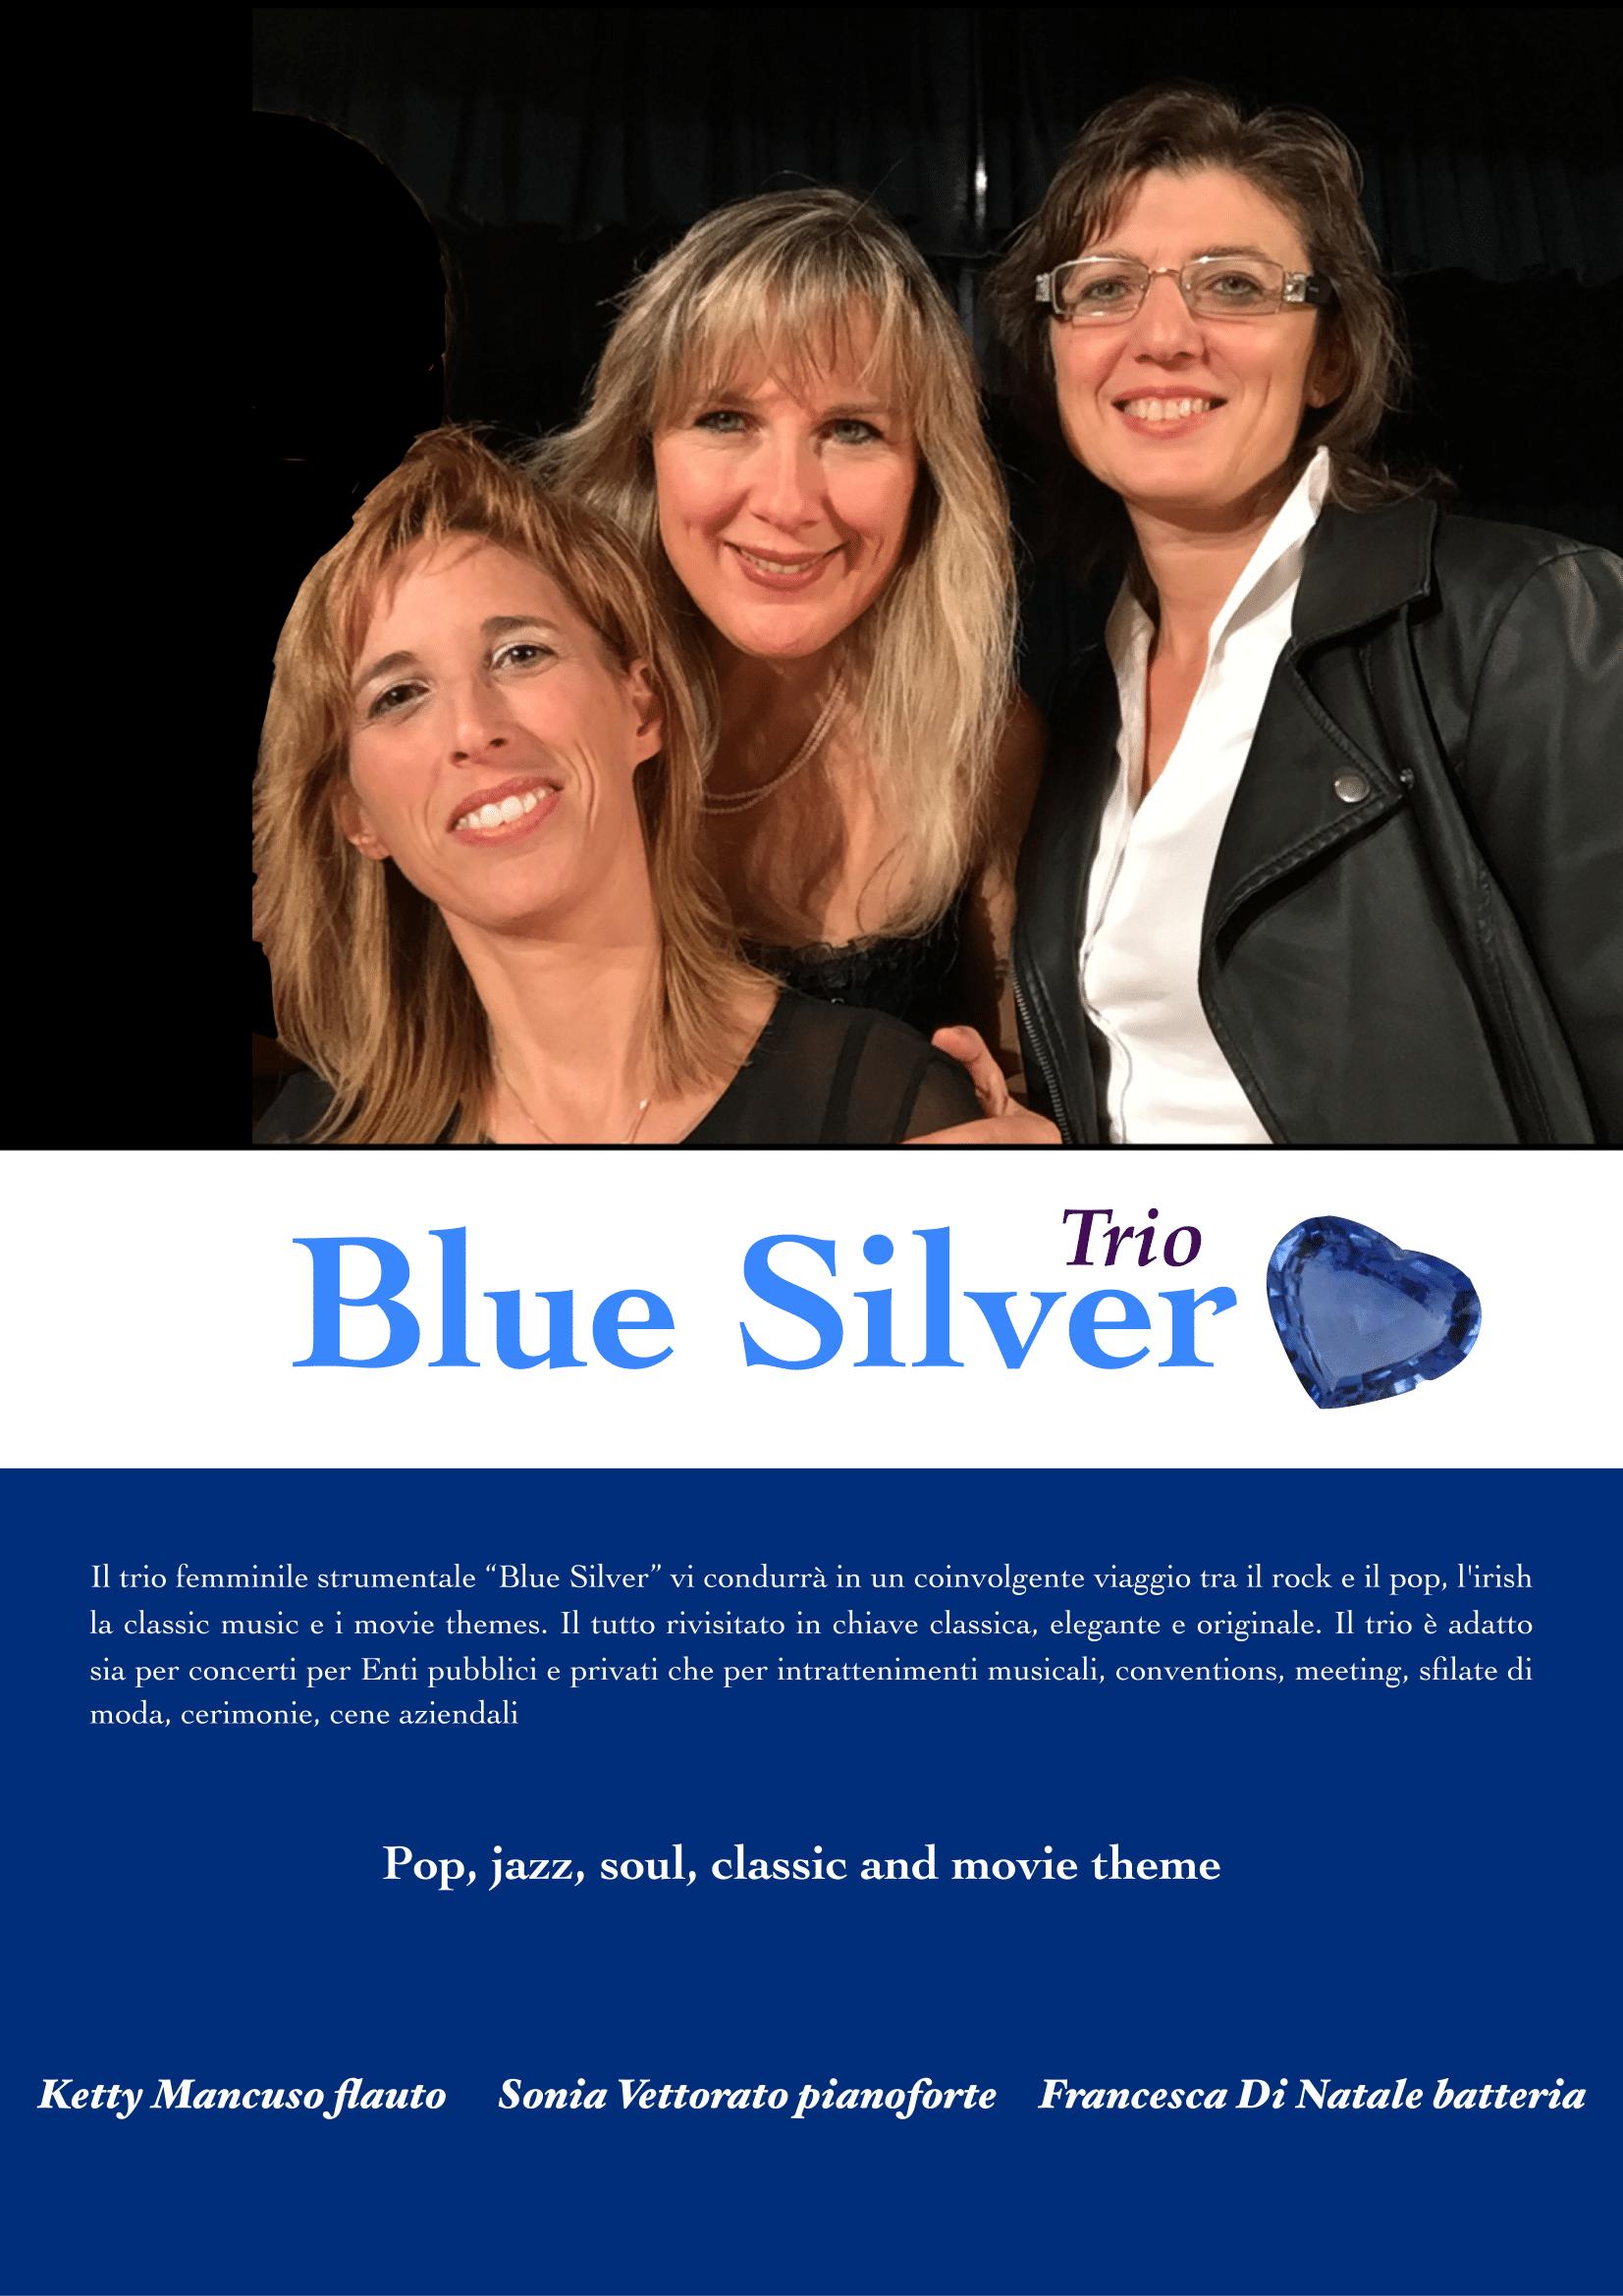 Blue Silver trio 3-1